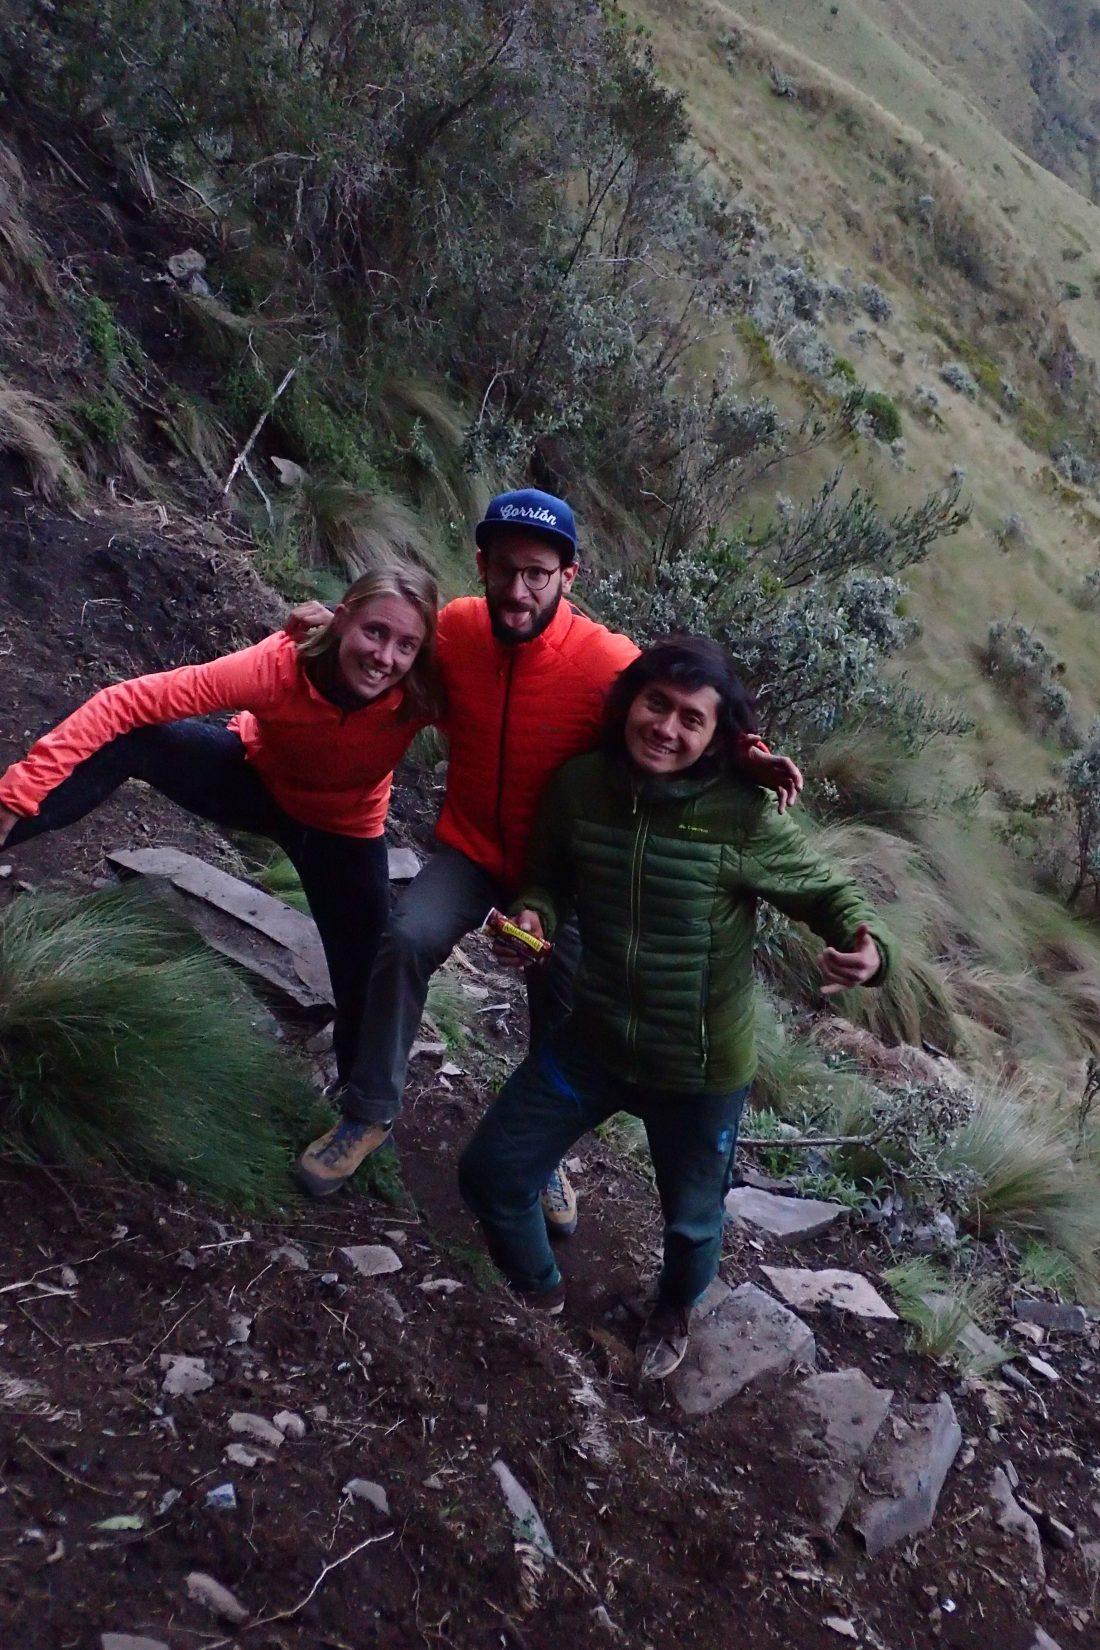 Klim crew - met Jeroen en Panchito - Pichincha, Quito - Wanderlotje